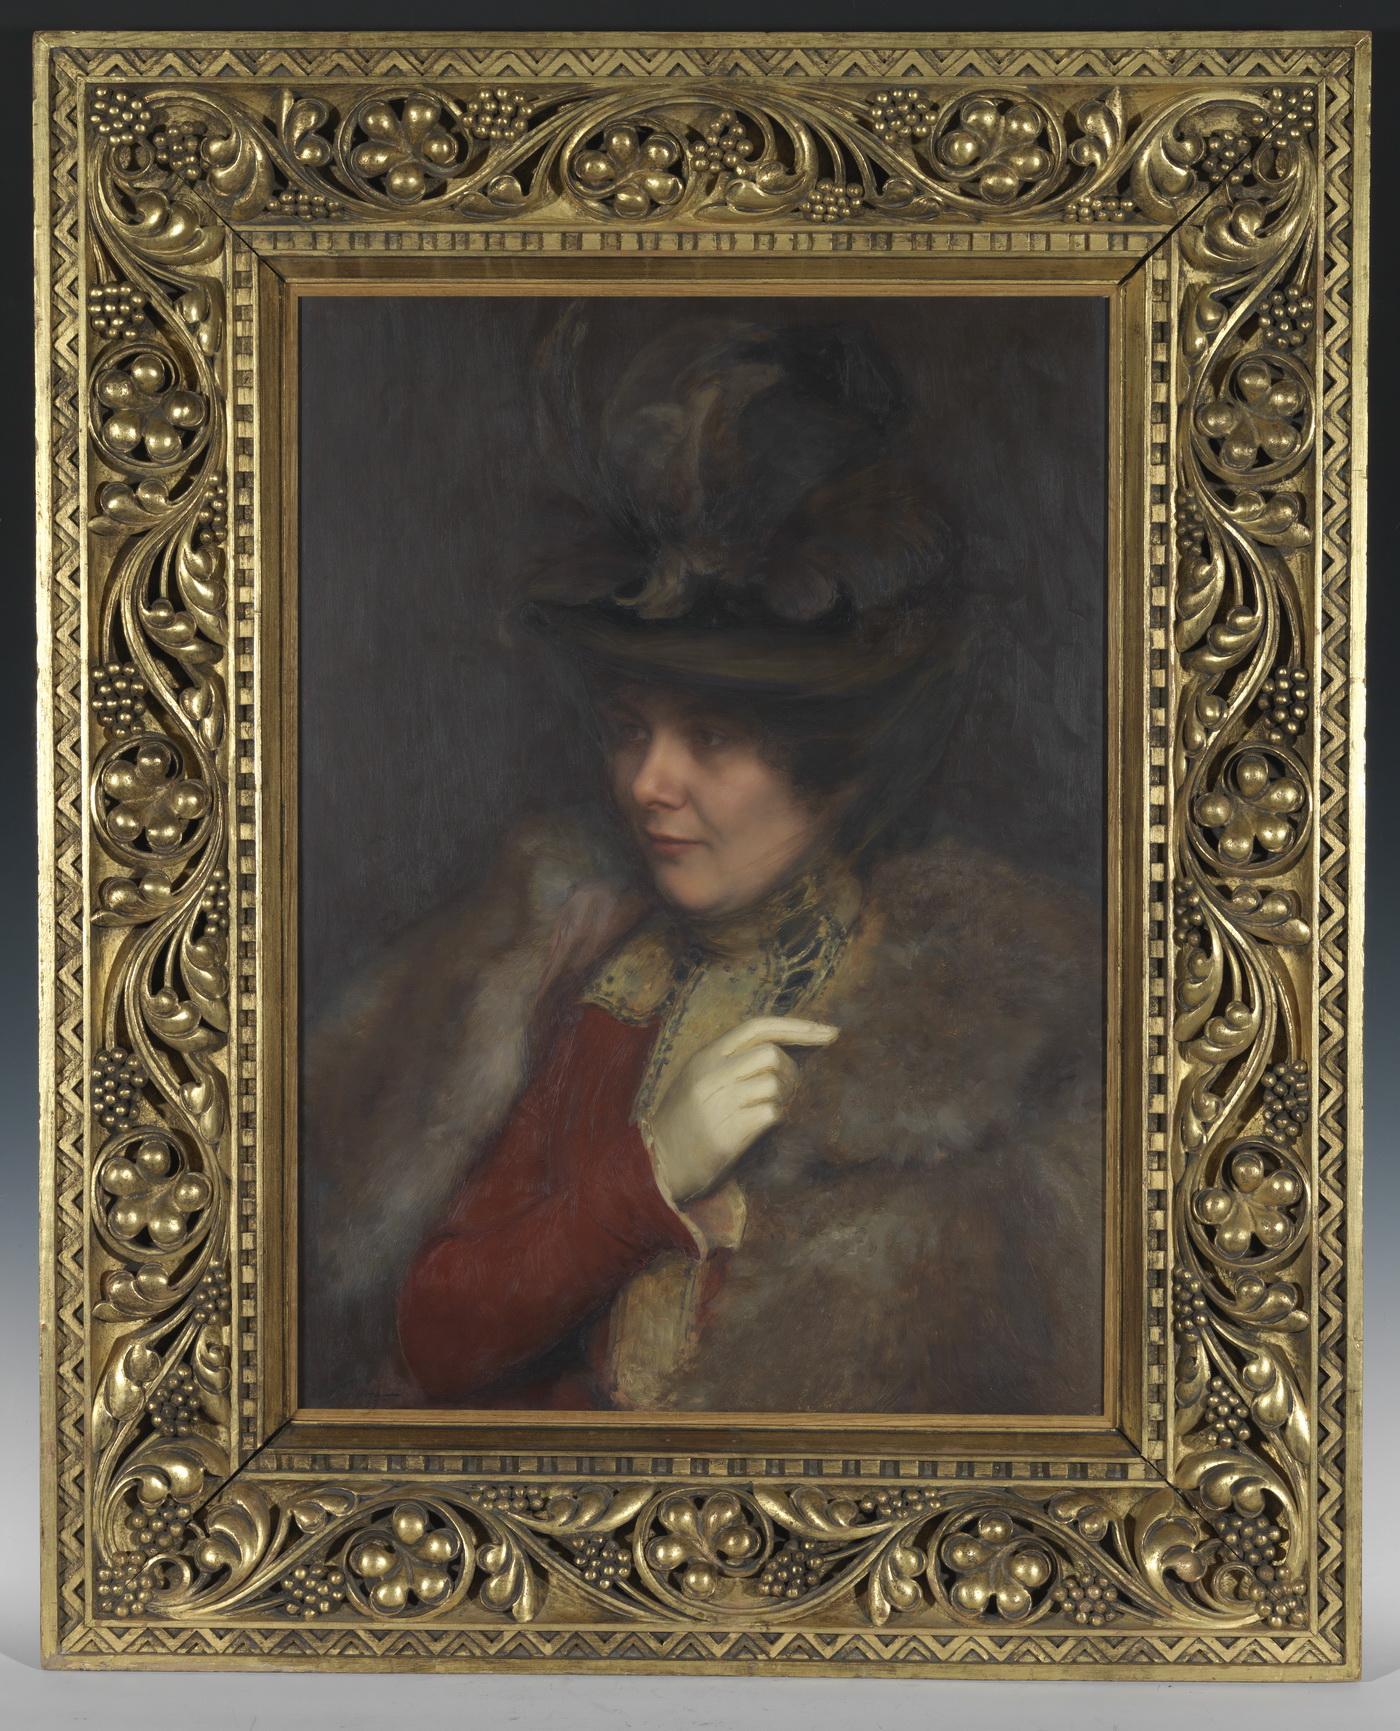 Portrait de Marguerite Paul - Patrimoine Charles-André COLONNA WALEWSKI, en ligne directe de Napoléon